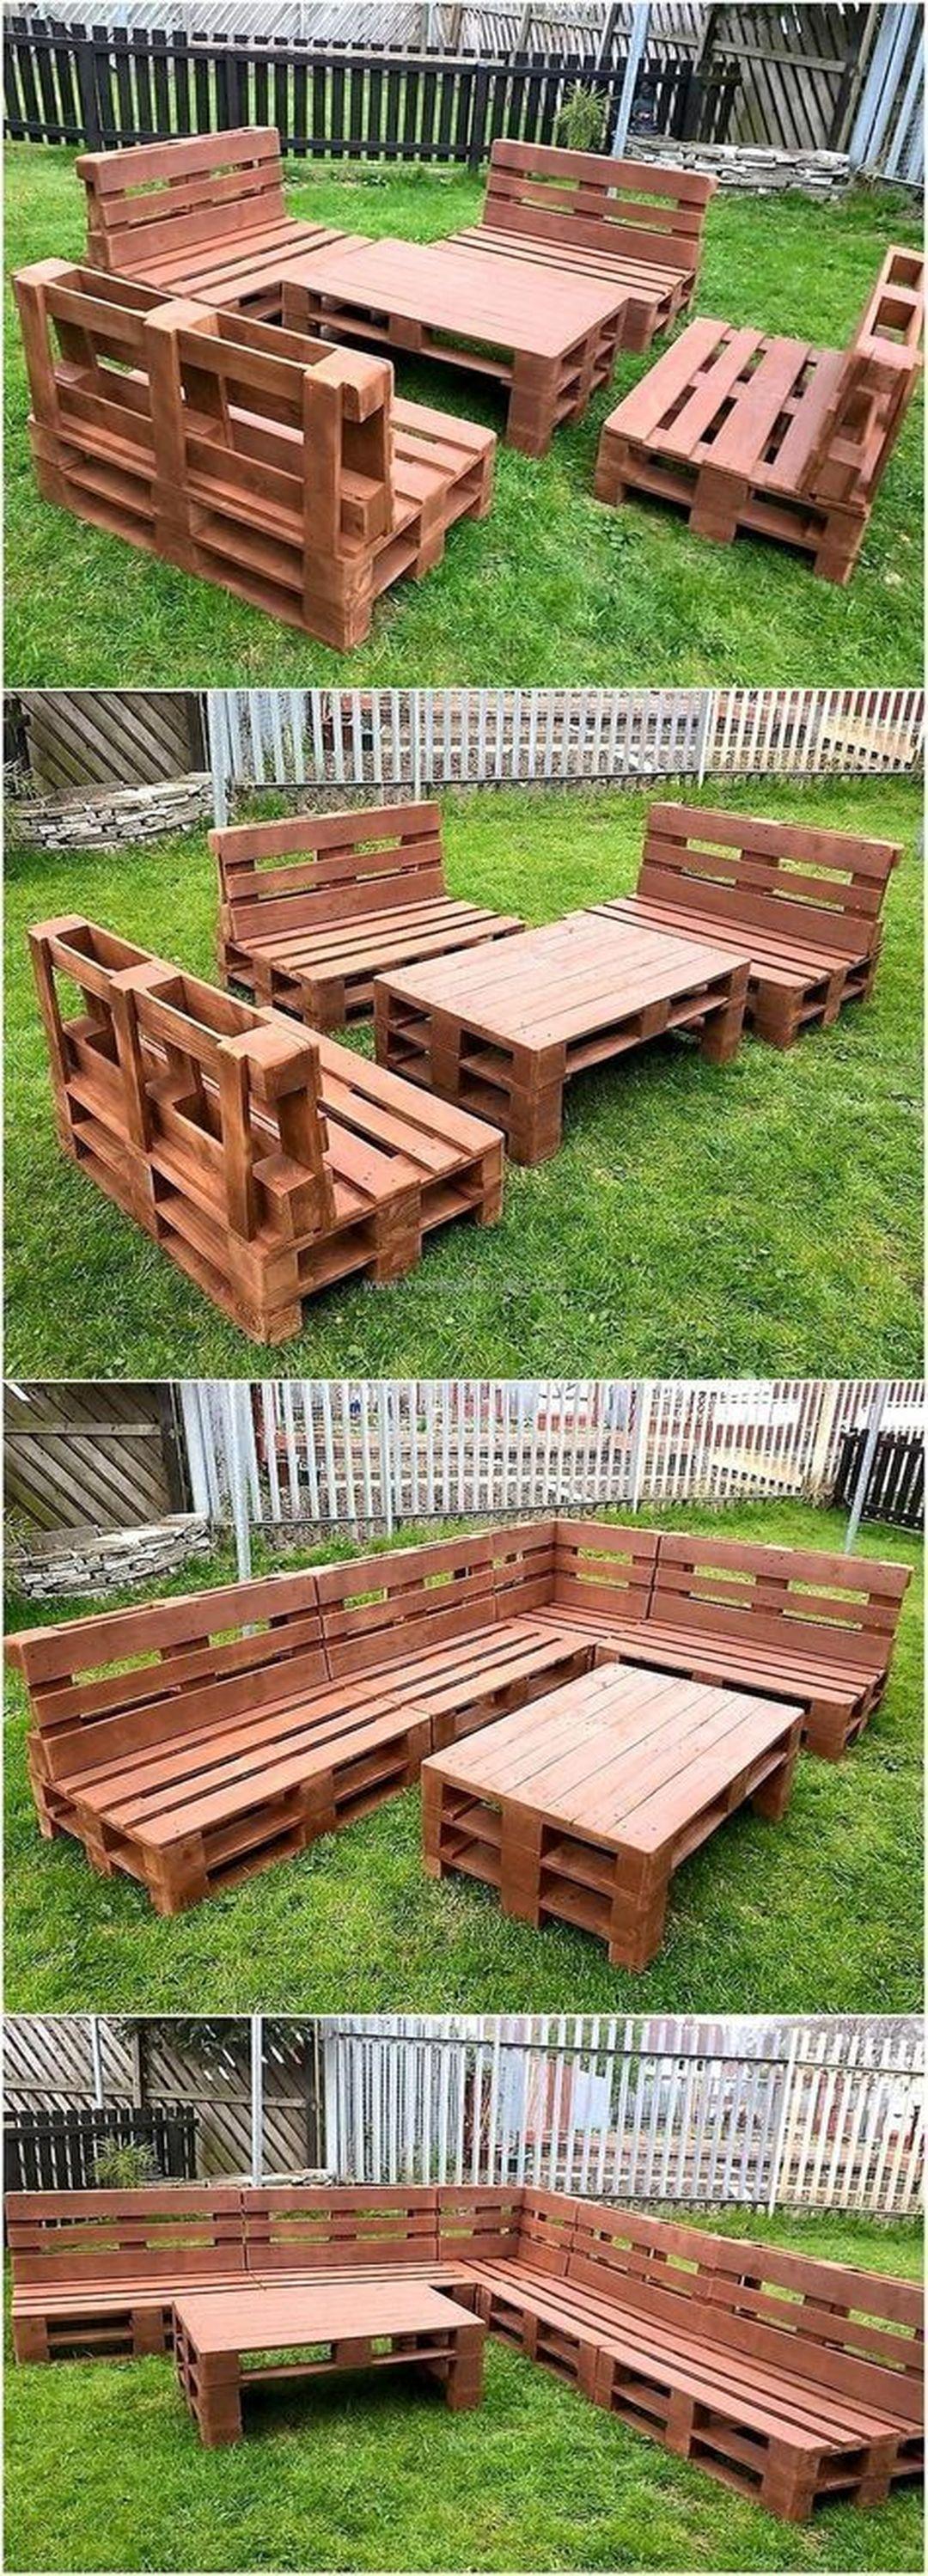 cc2e0ce0f9696a27b359261c2033de59 Impressionnant De Table Basse originale Concept